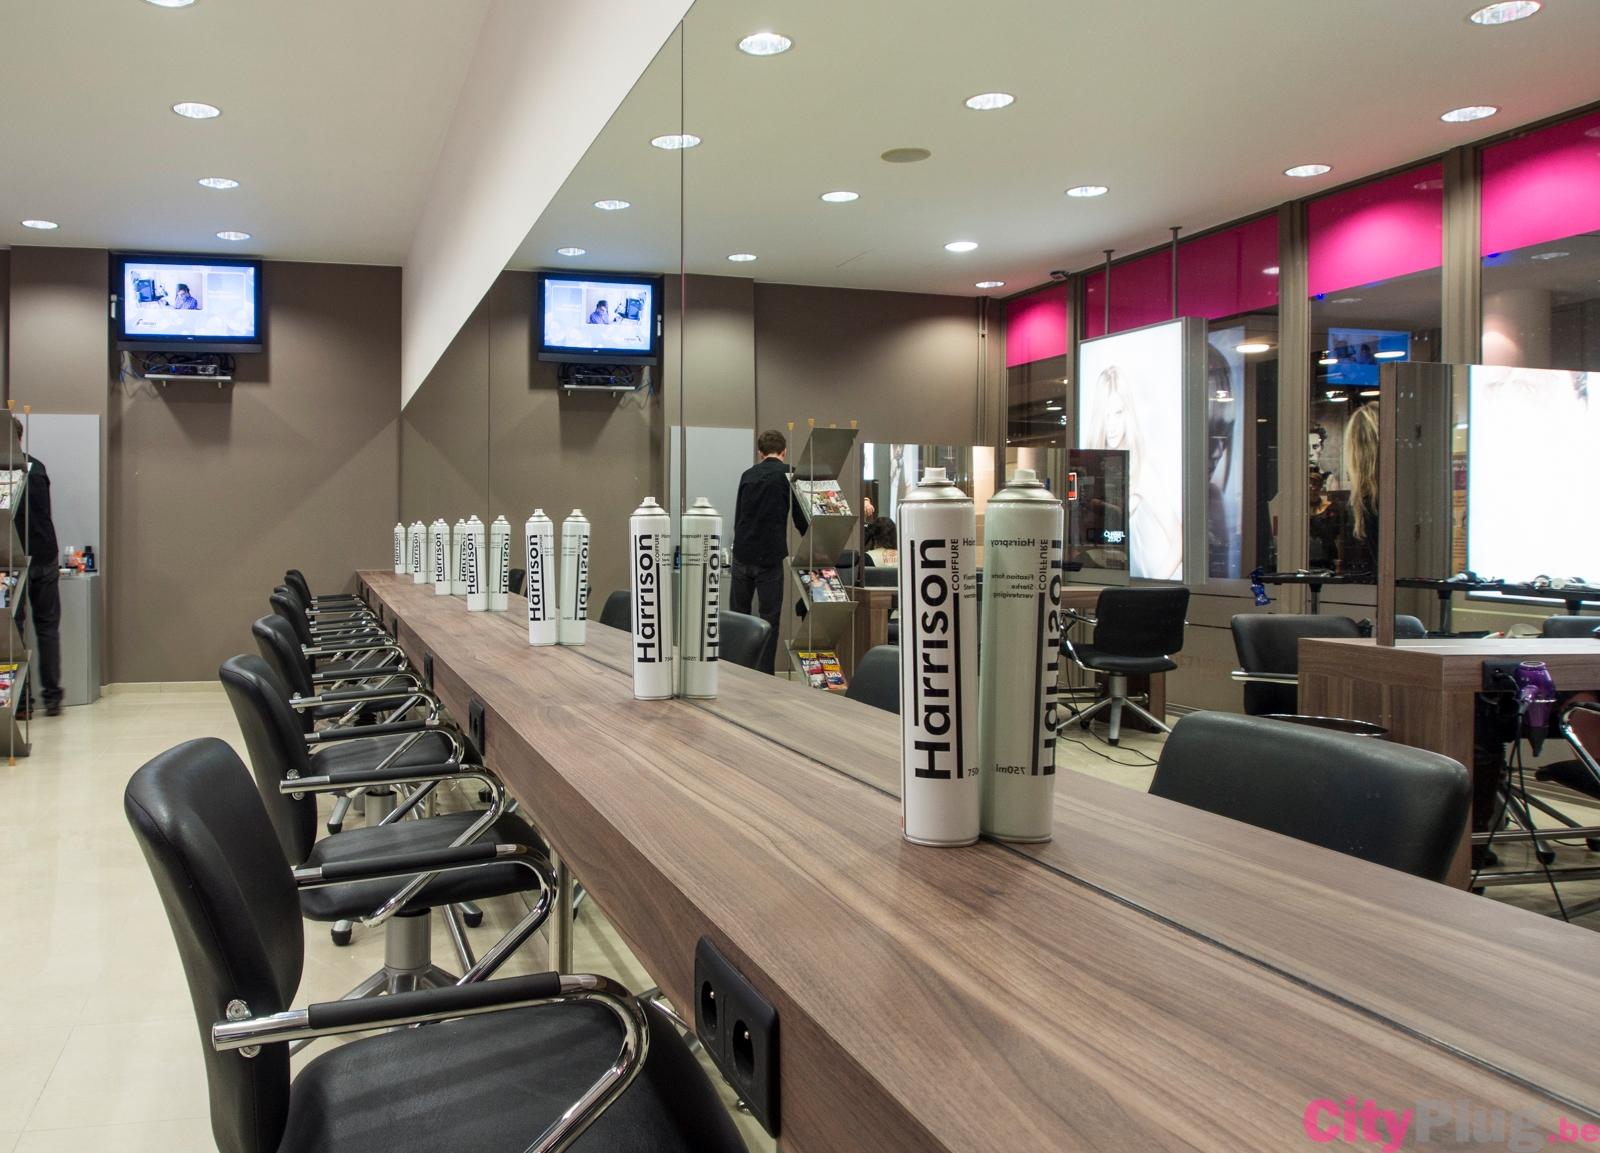 50 sur m ches et balayage l 39 achat d 39 un shampooing for Achat salon coiffure